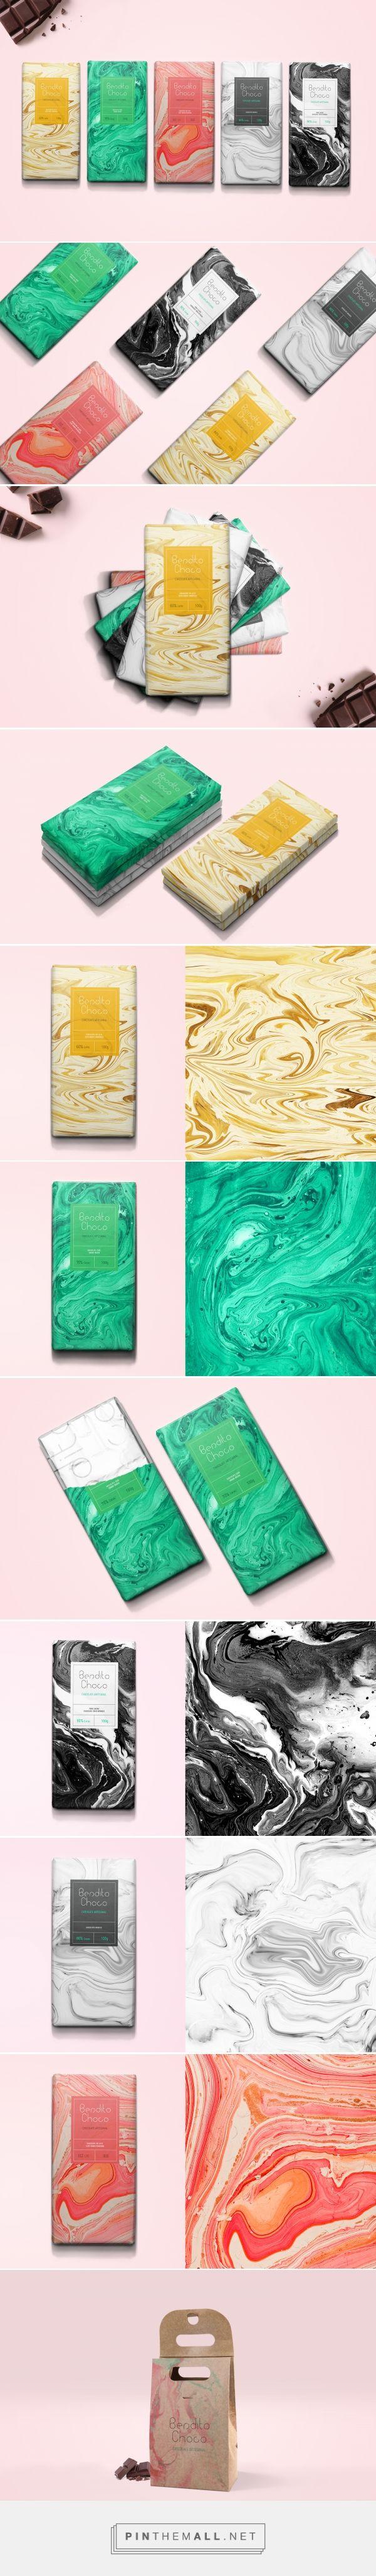 Bendito Choco / Concept / by Raiane Girotto